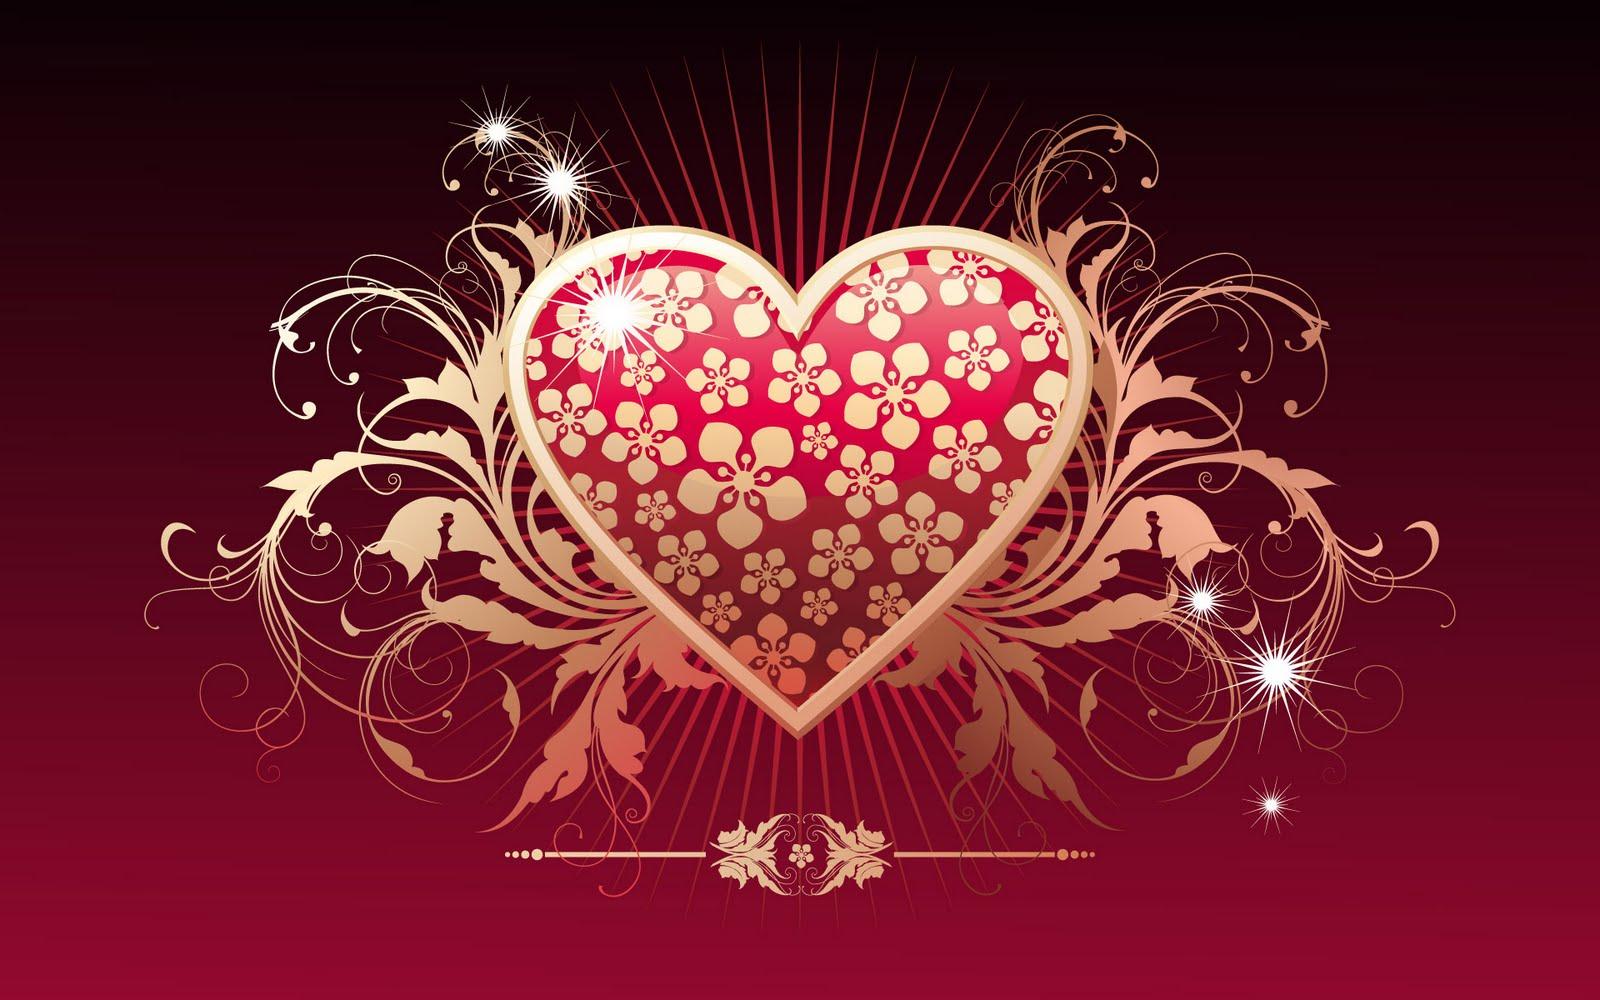 Images Of Hd Love Wallpapers Romantische Achtergronden Hd Wallpapers